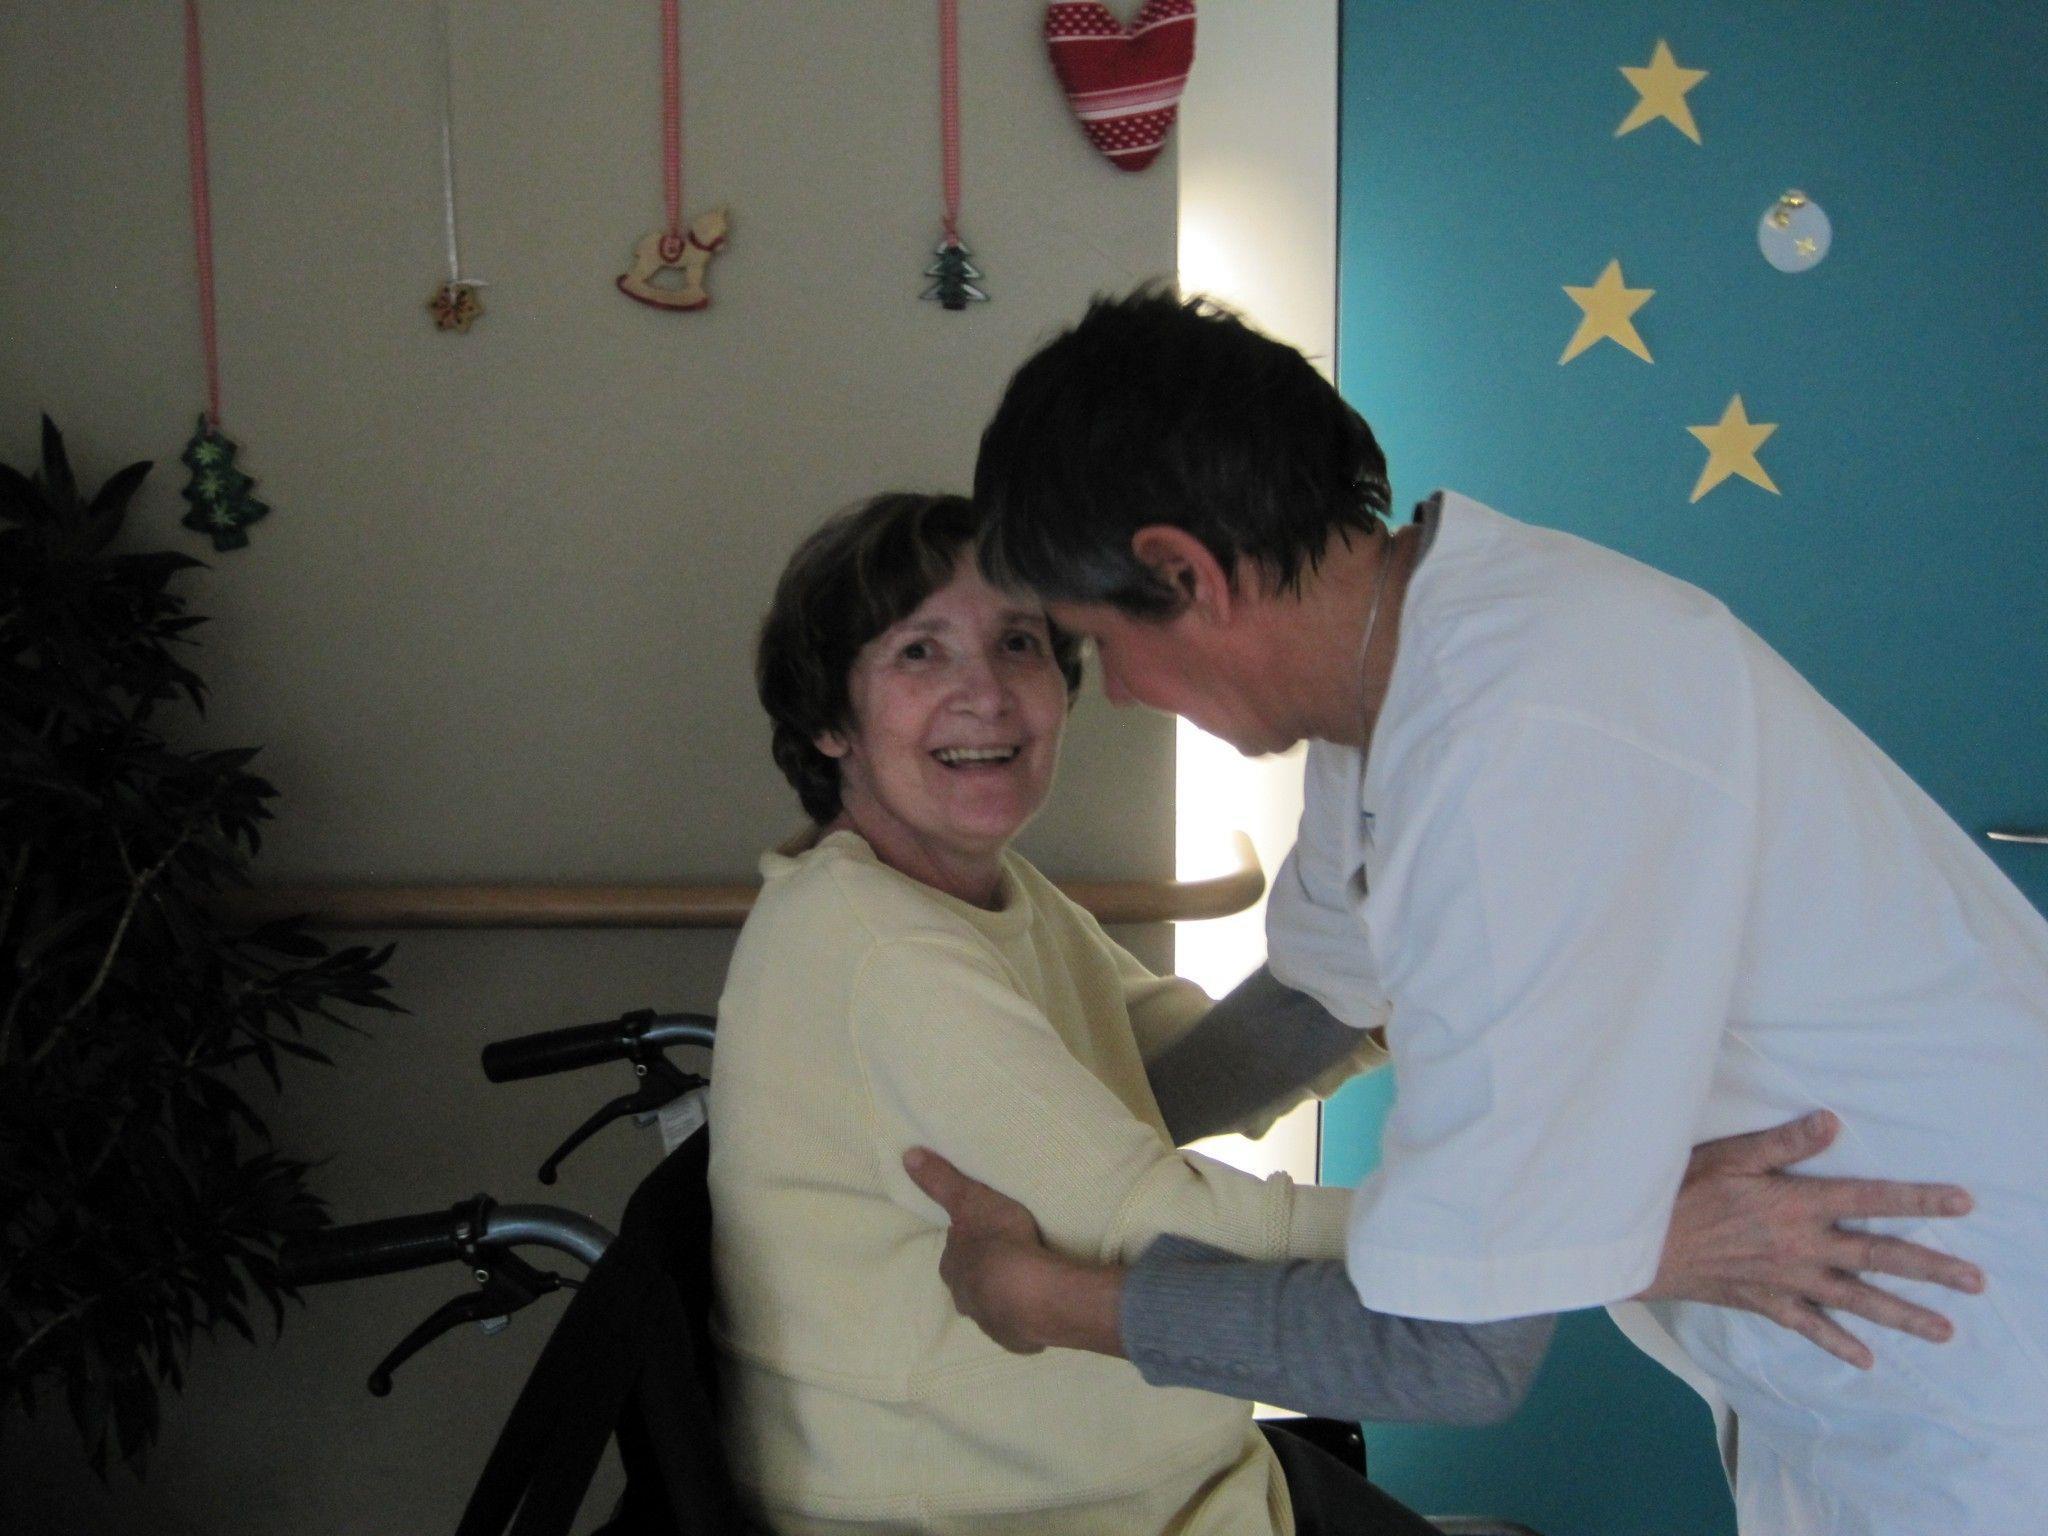 Frau Ingrid genießt die gute Betreuung durch die dipl. Krankenschwester Martha Mittelberger  in der Tagespflege